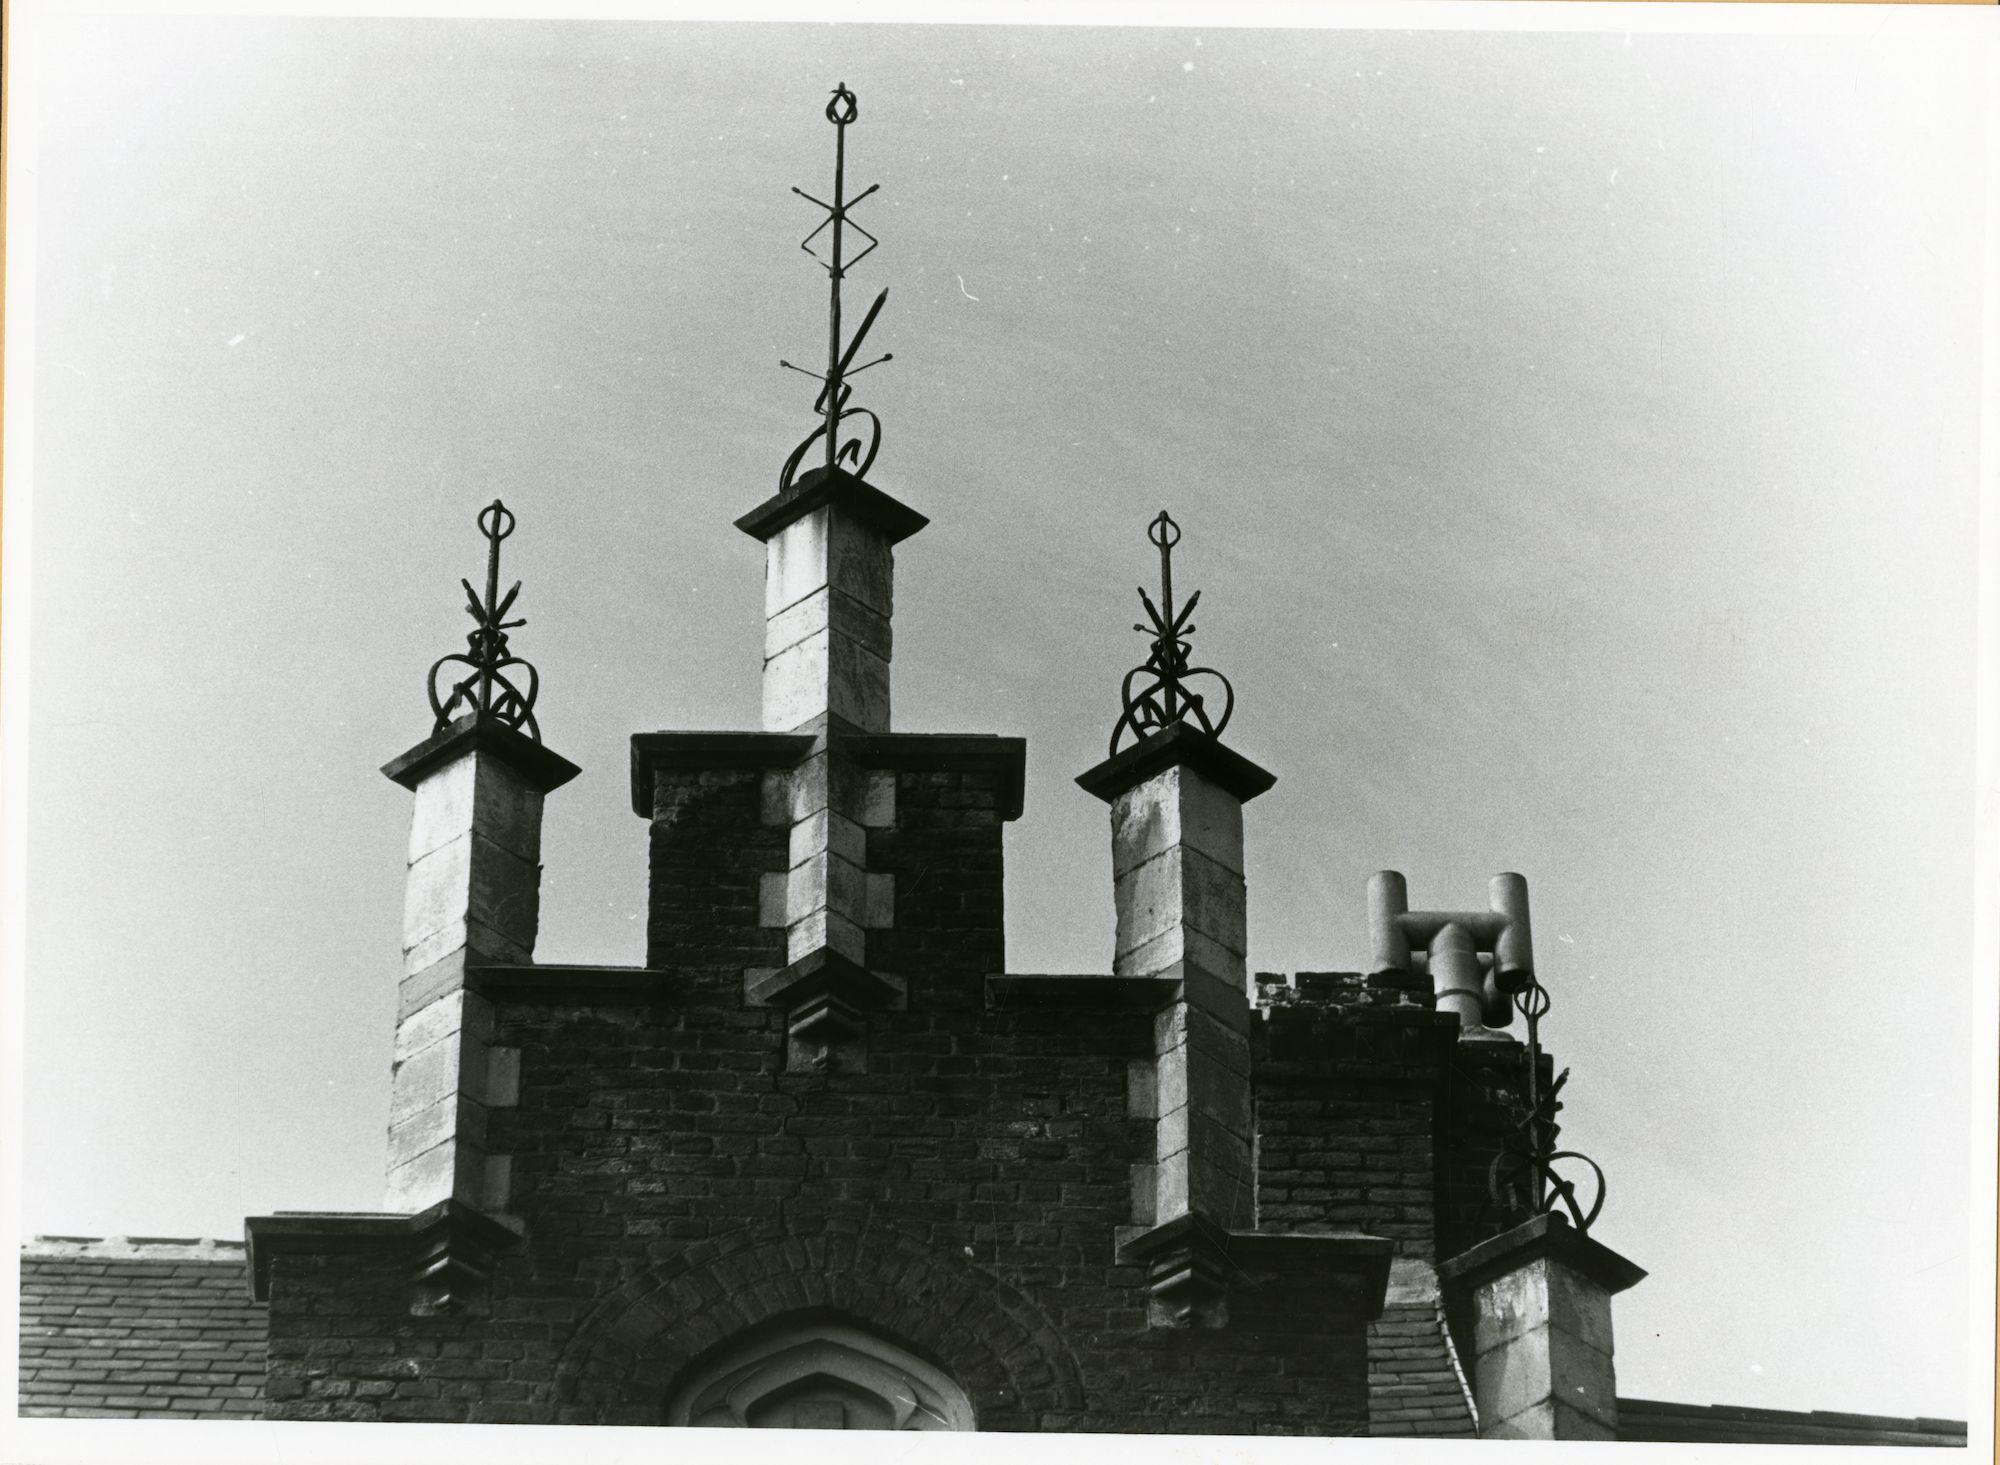 Gent: Martelaarslaan 403: Nokversiering, 1979